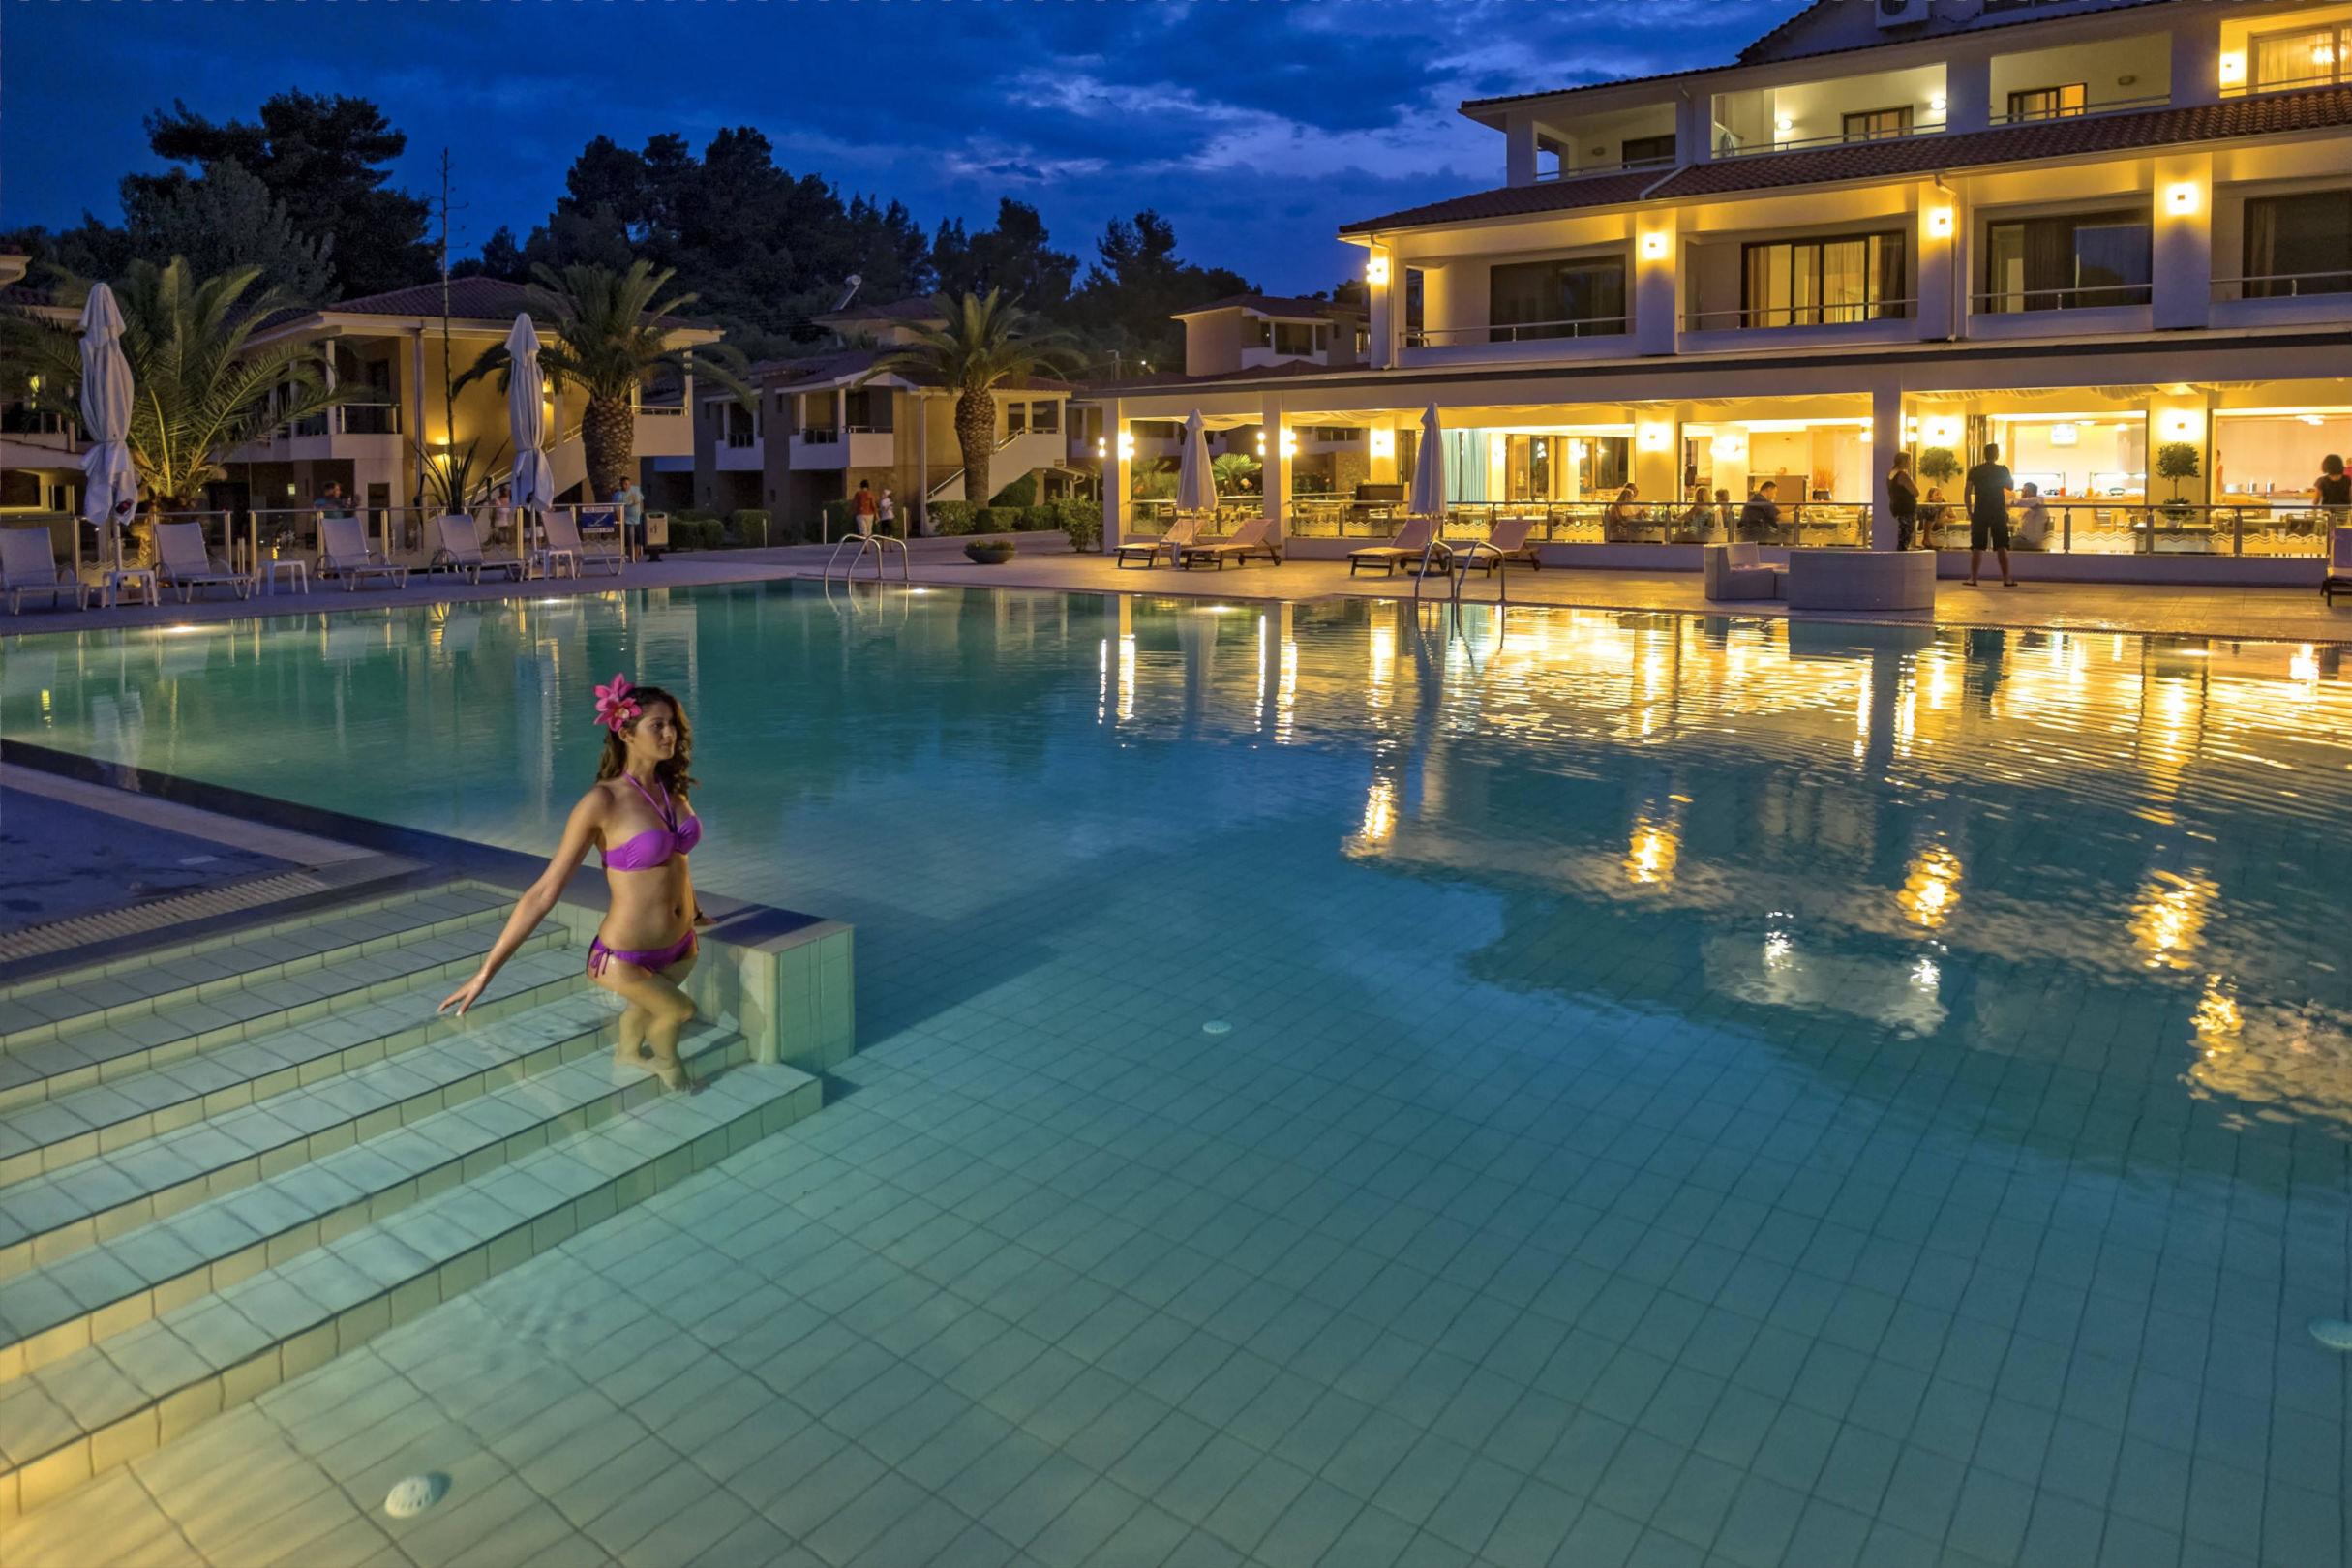 Griechenland - Chalkidiki: Eine Woche im 4* Hotel inkl. Flug, Transfer und Halbpension ab 394€